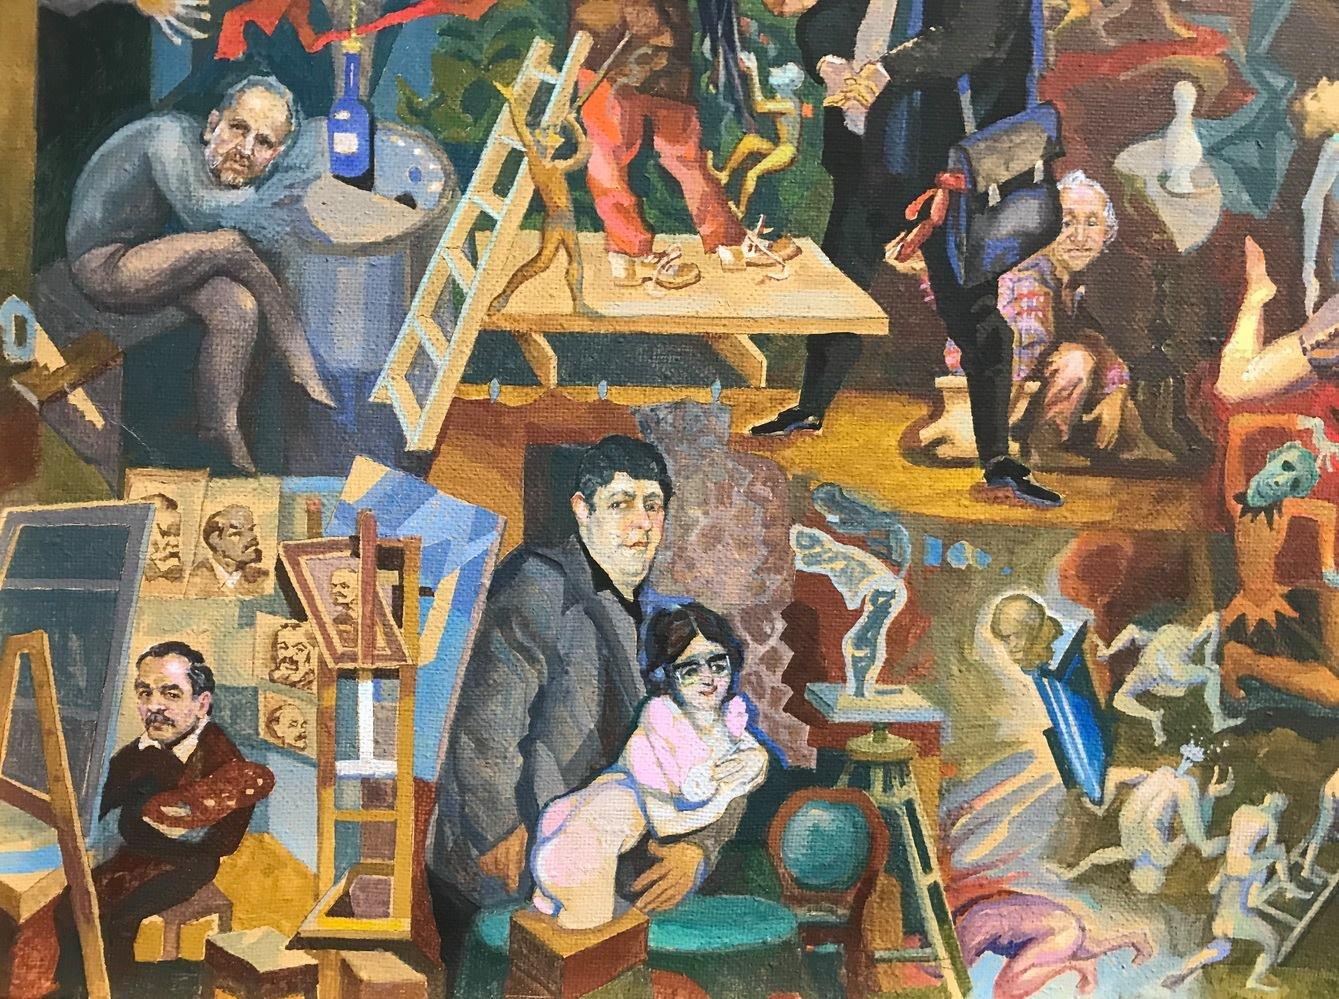 Із виставки у Франківську зняли картину через скарги. ФОТО, фото-7